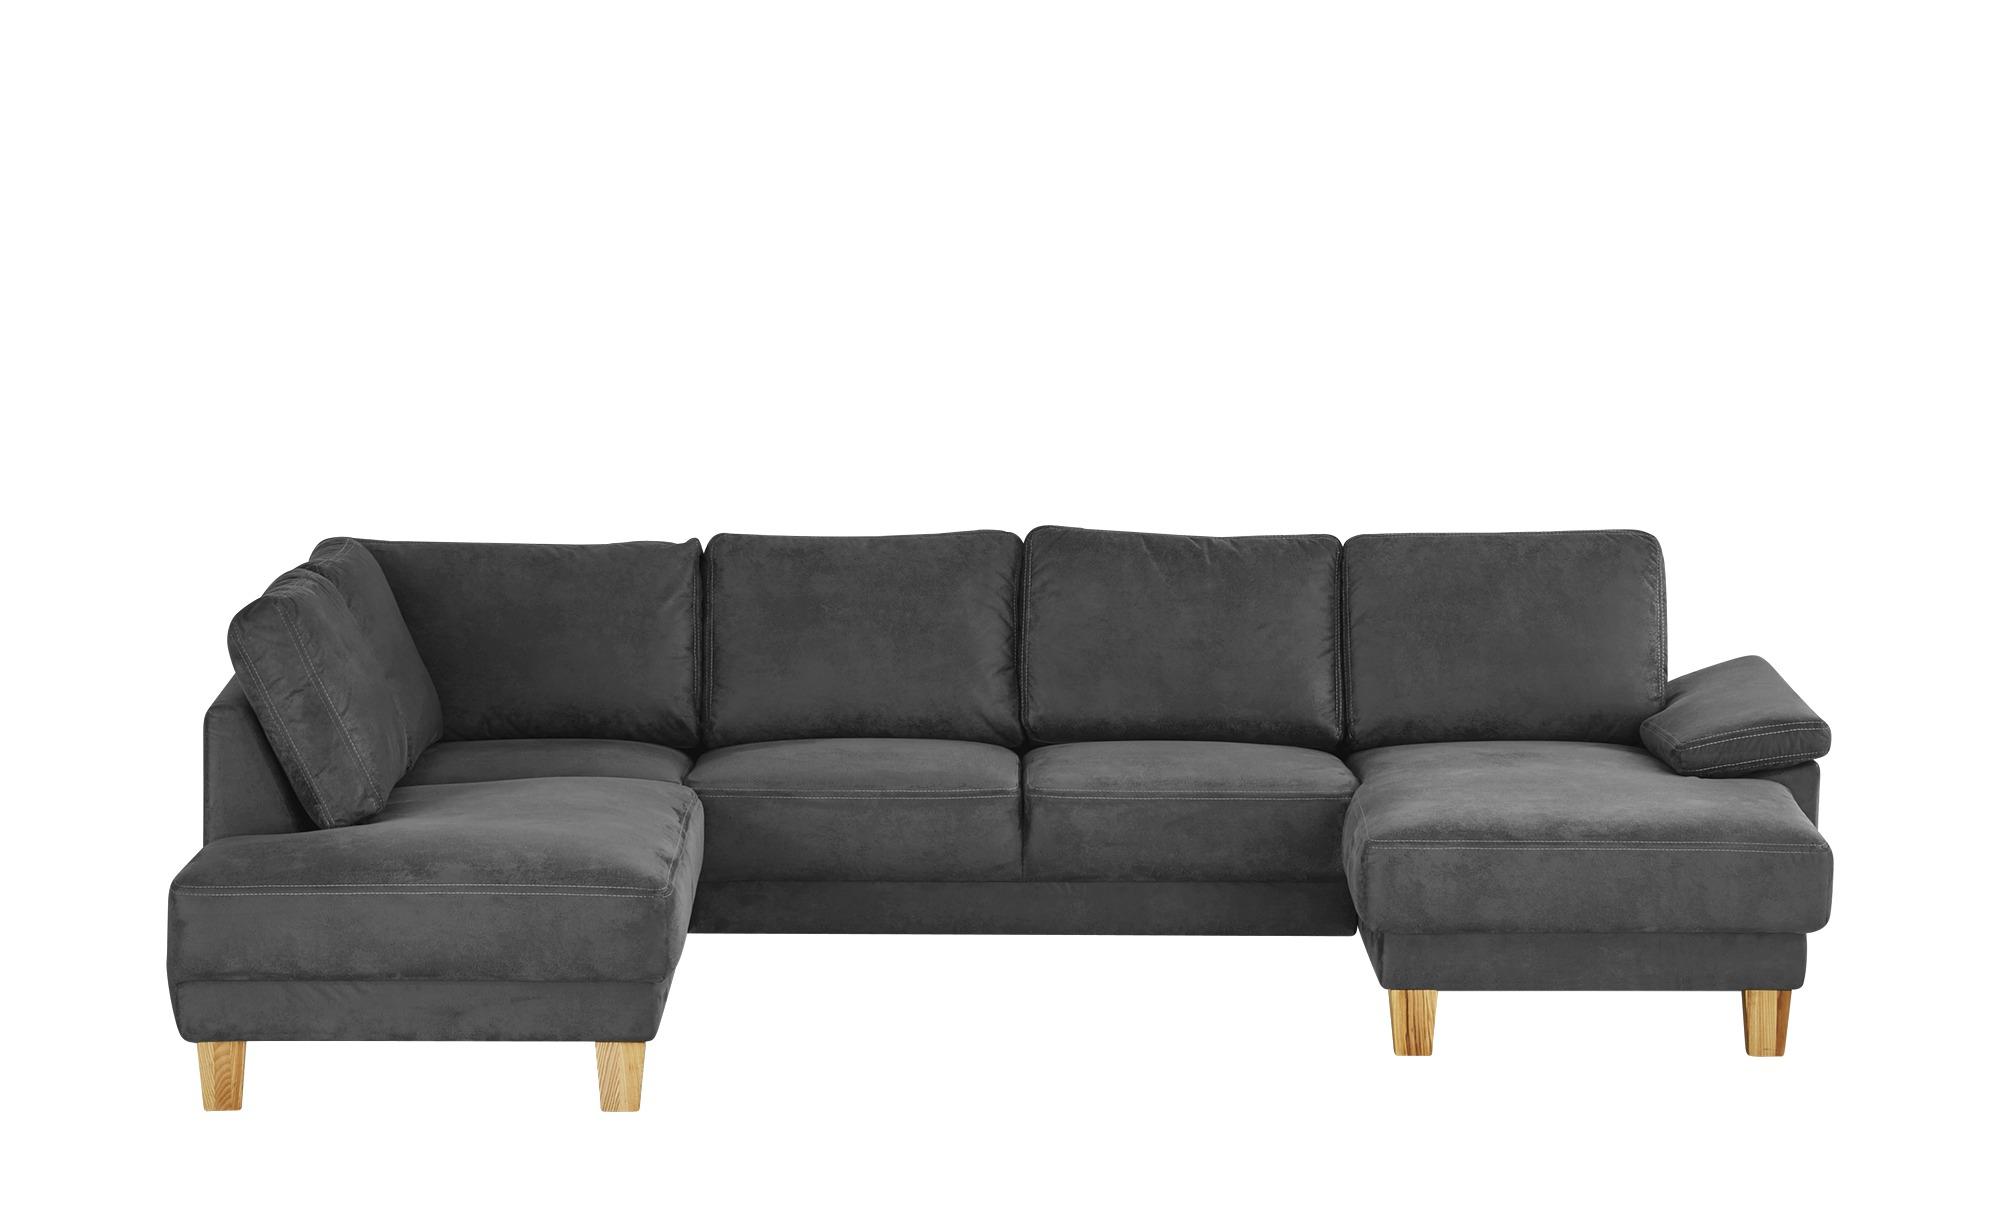 Smart Wohnlandschaft Atara Wohnen Sofa Mit Schlaffunktion Wohnlandschaft